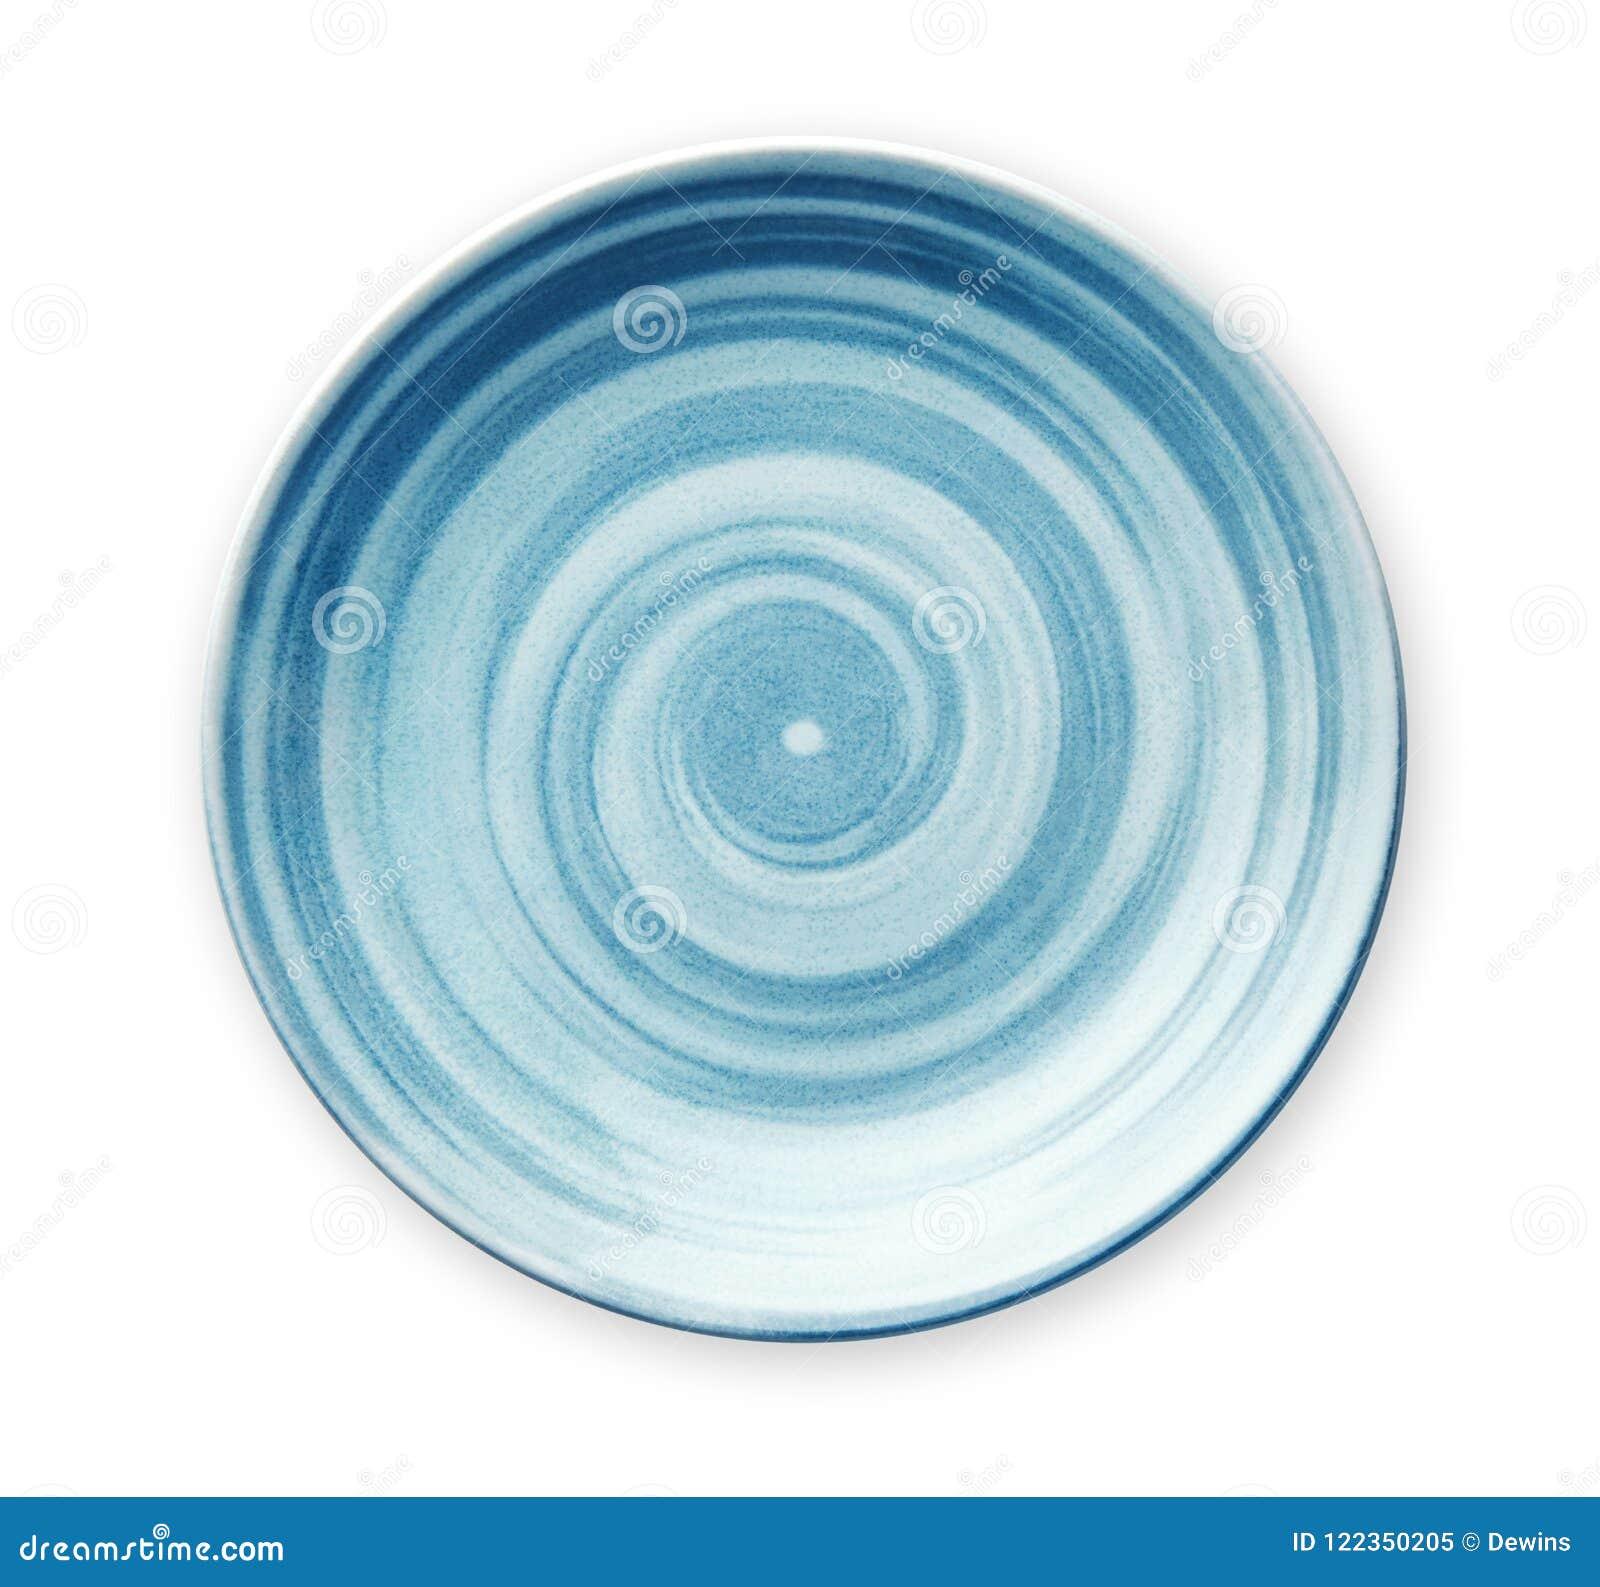 Placa de cerámica azul vacía con el modelo espiral en estilos de la acuarela, visión desde arriba aislado en el fondo blanco con